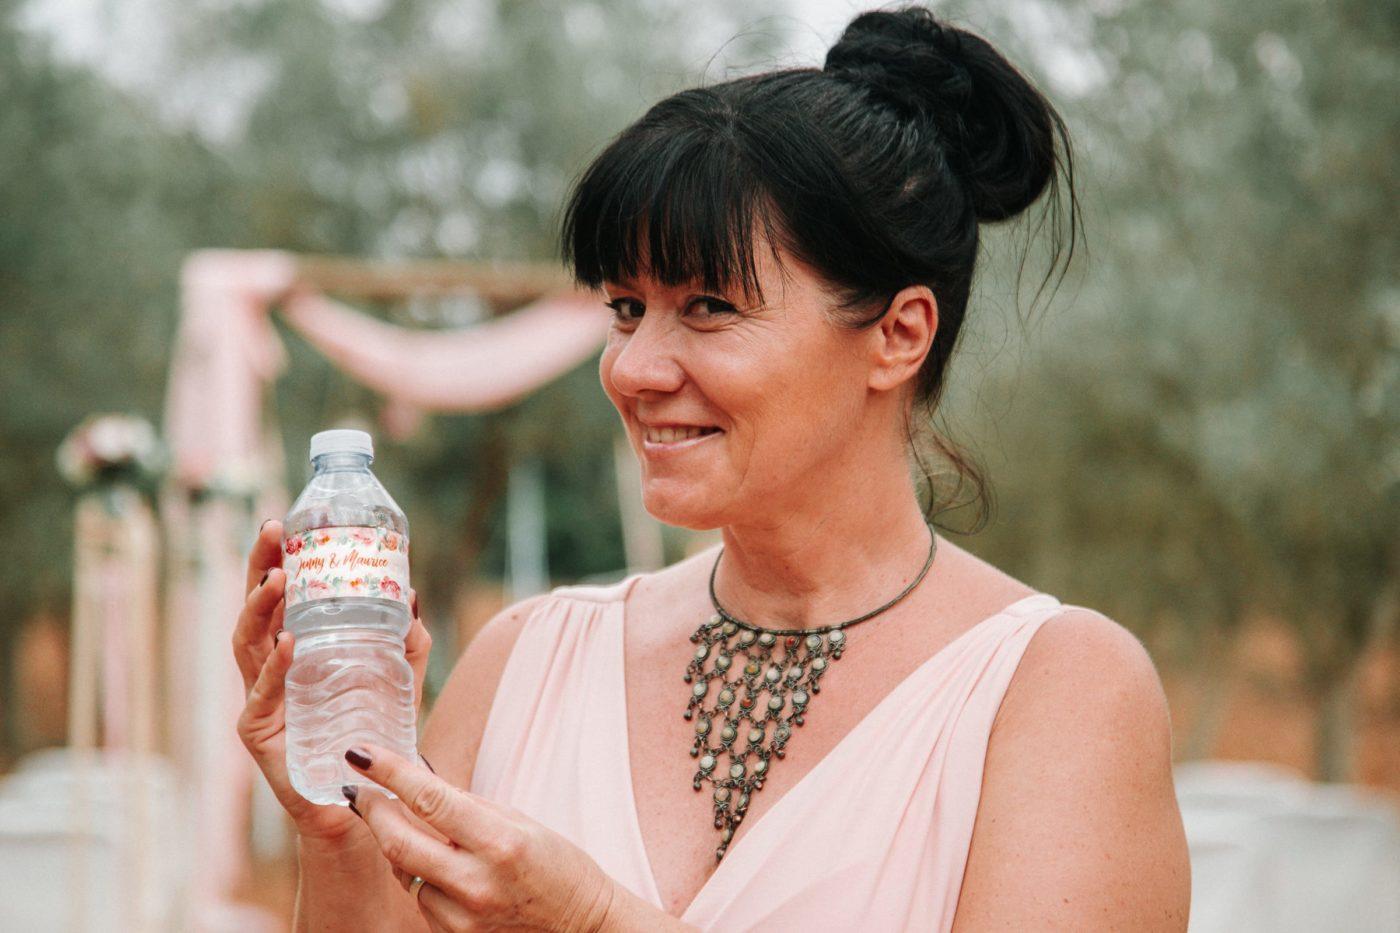 Ich zeige lächelnd eine Flasche Wasser in die Kamera die extra für unser Brautpaar mit deren Namen bedruckt wurde.